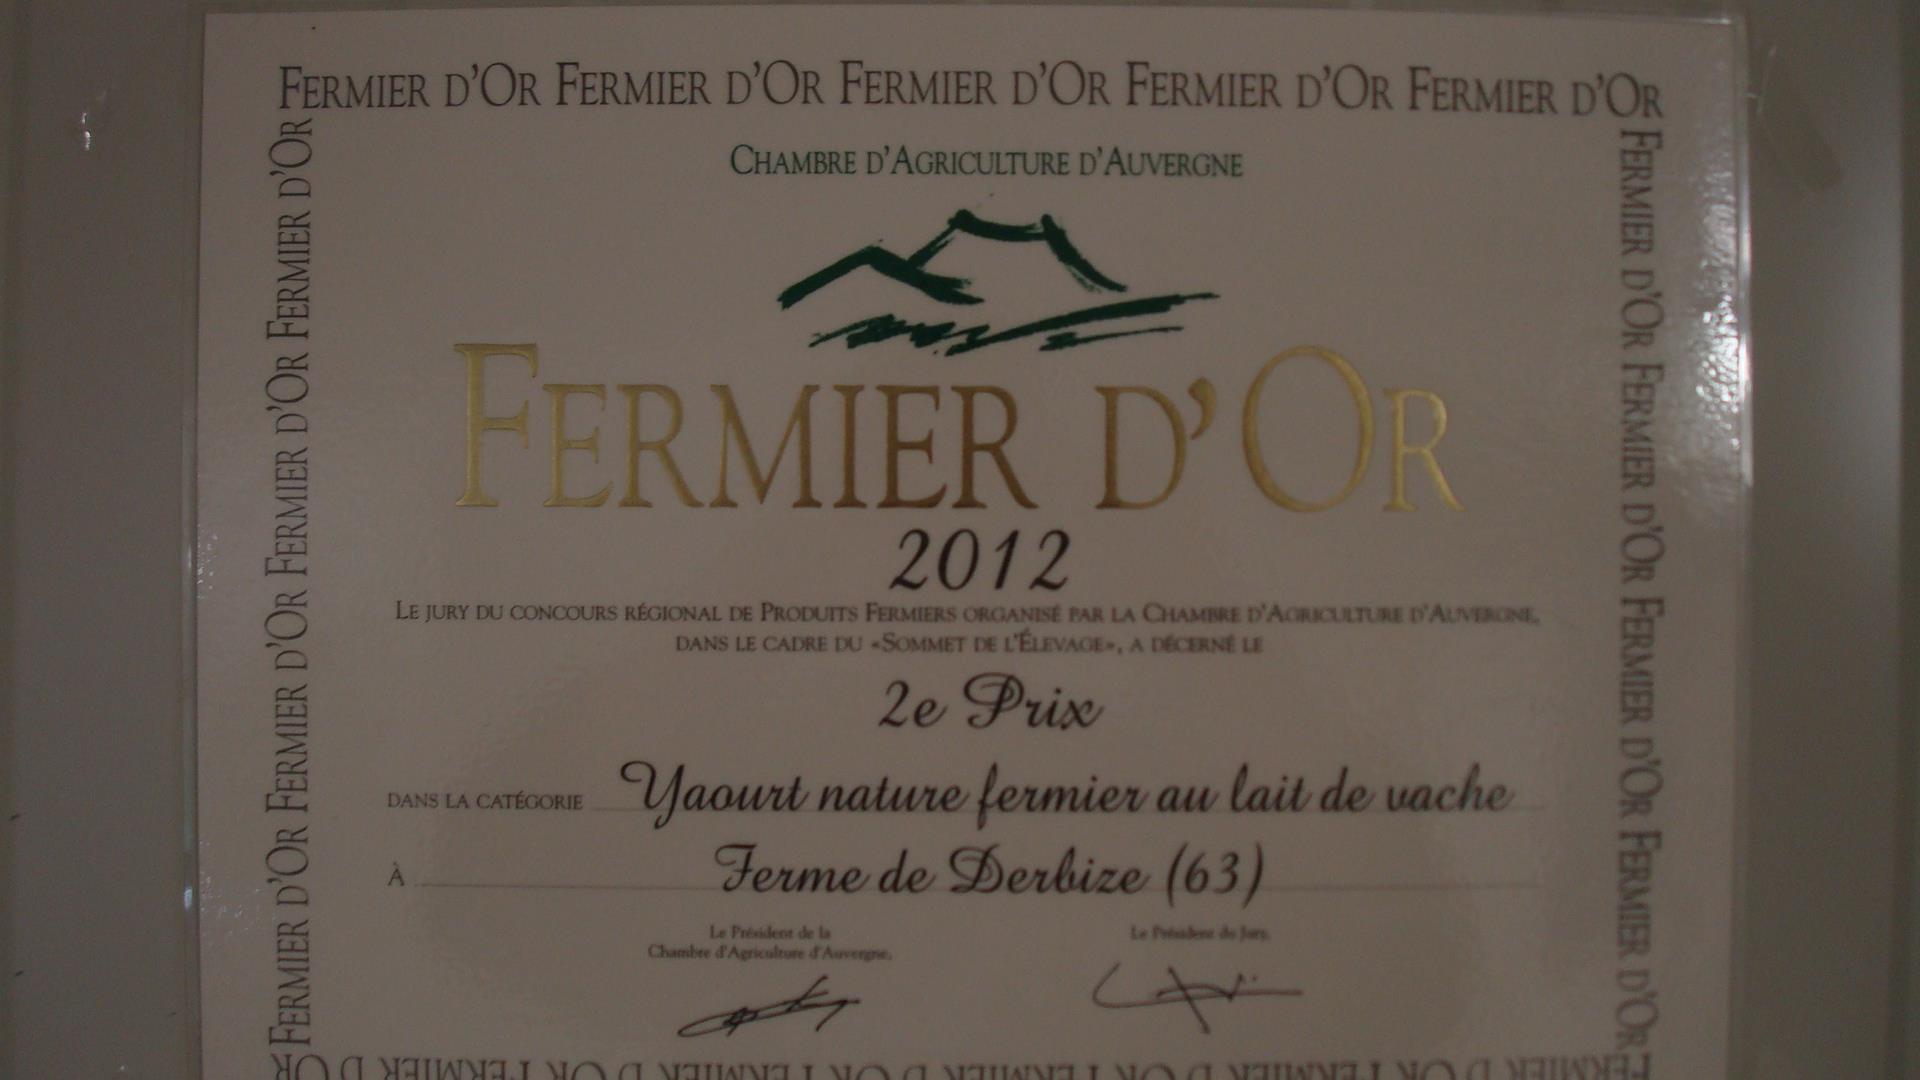 fermier d'or 2012